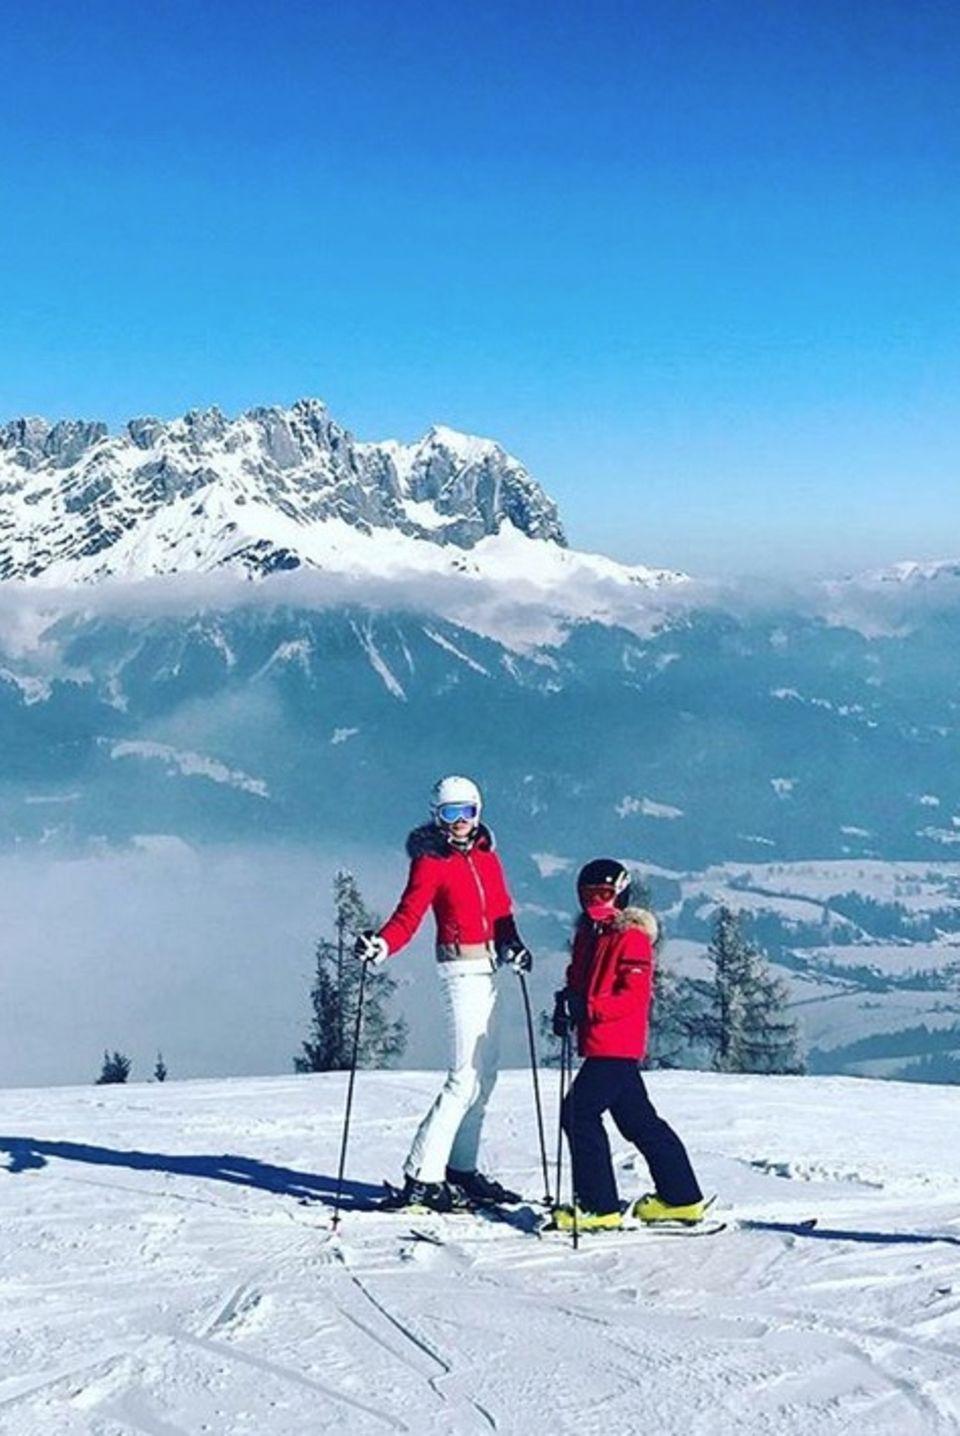 Erkennen Sie diese eingepackten Skifahrer in Signalrot? Sie sind das Topmodel Franziska Knuppe und TochterMathilda.